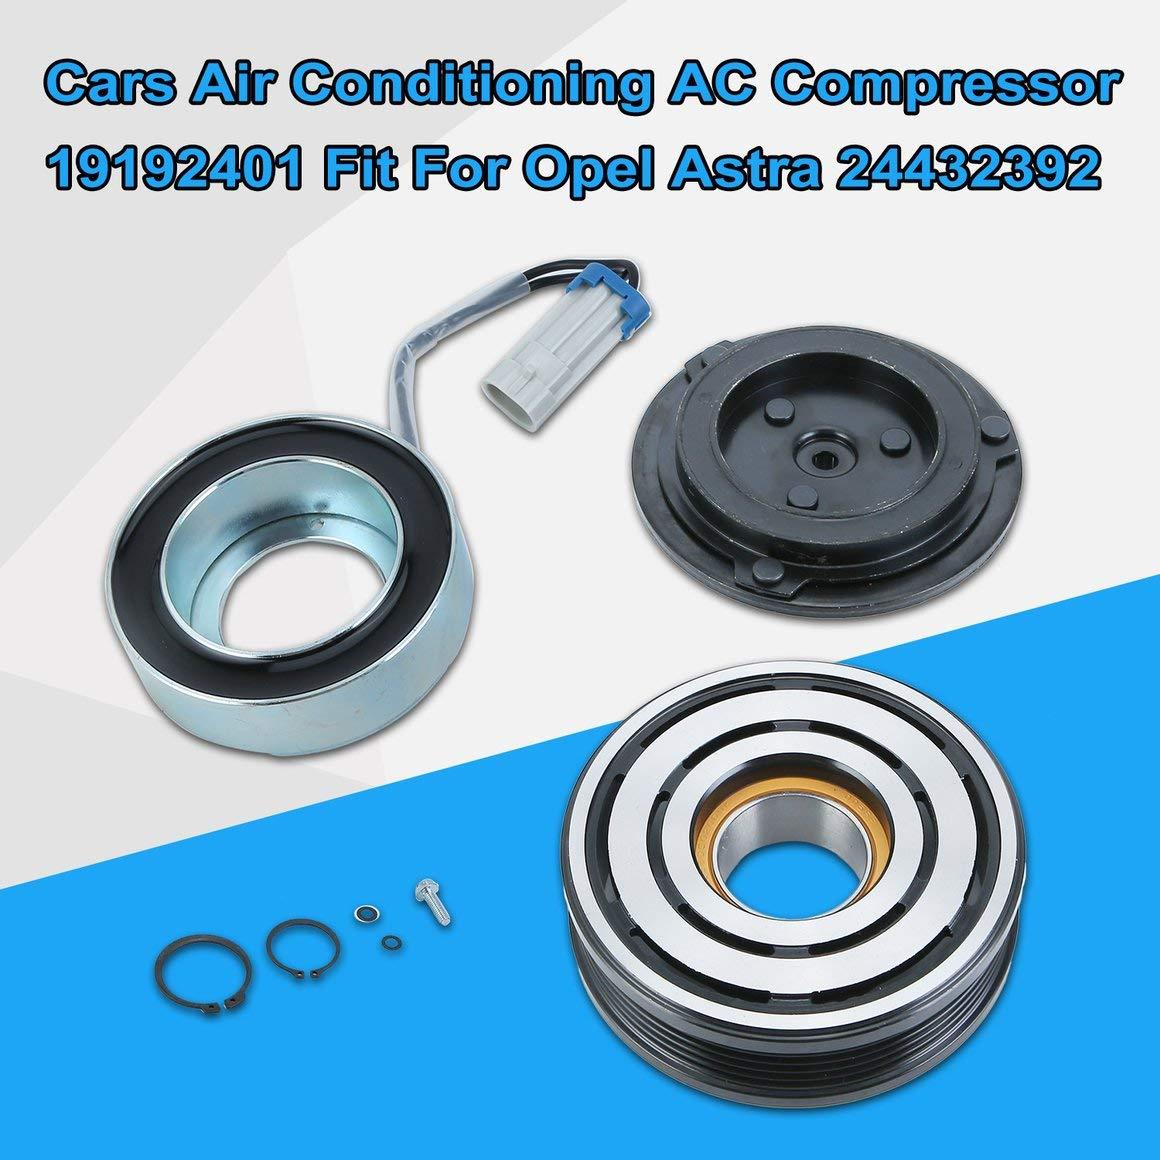 Funnyrunstore Cars Aire acondicionado Compresor de CA con embrague 19192401 Ajuste para Opel Astra 24432392 Compresor de CA profesional: Amazon.es: ...